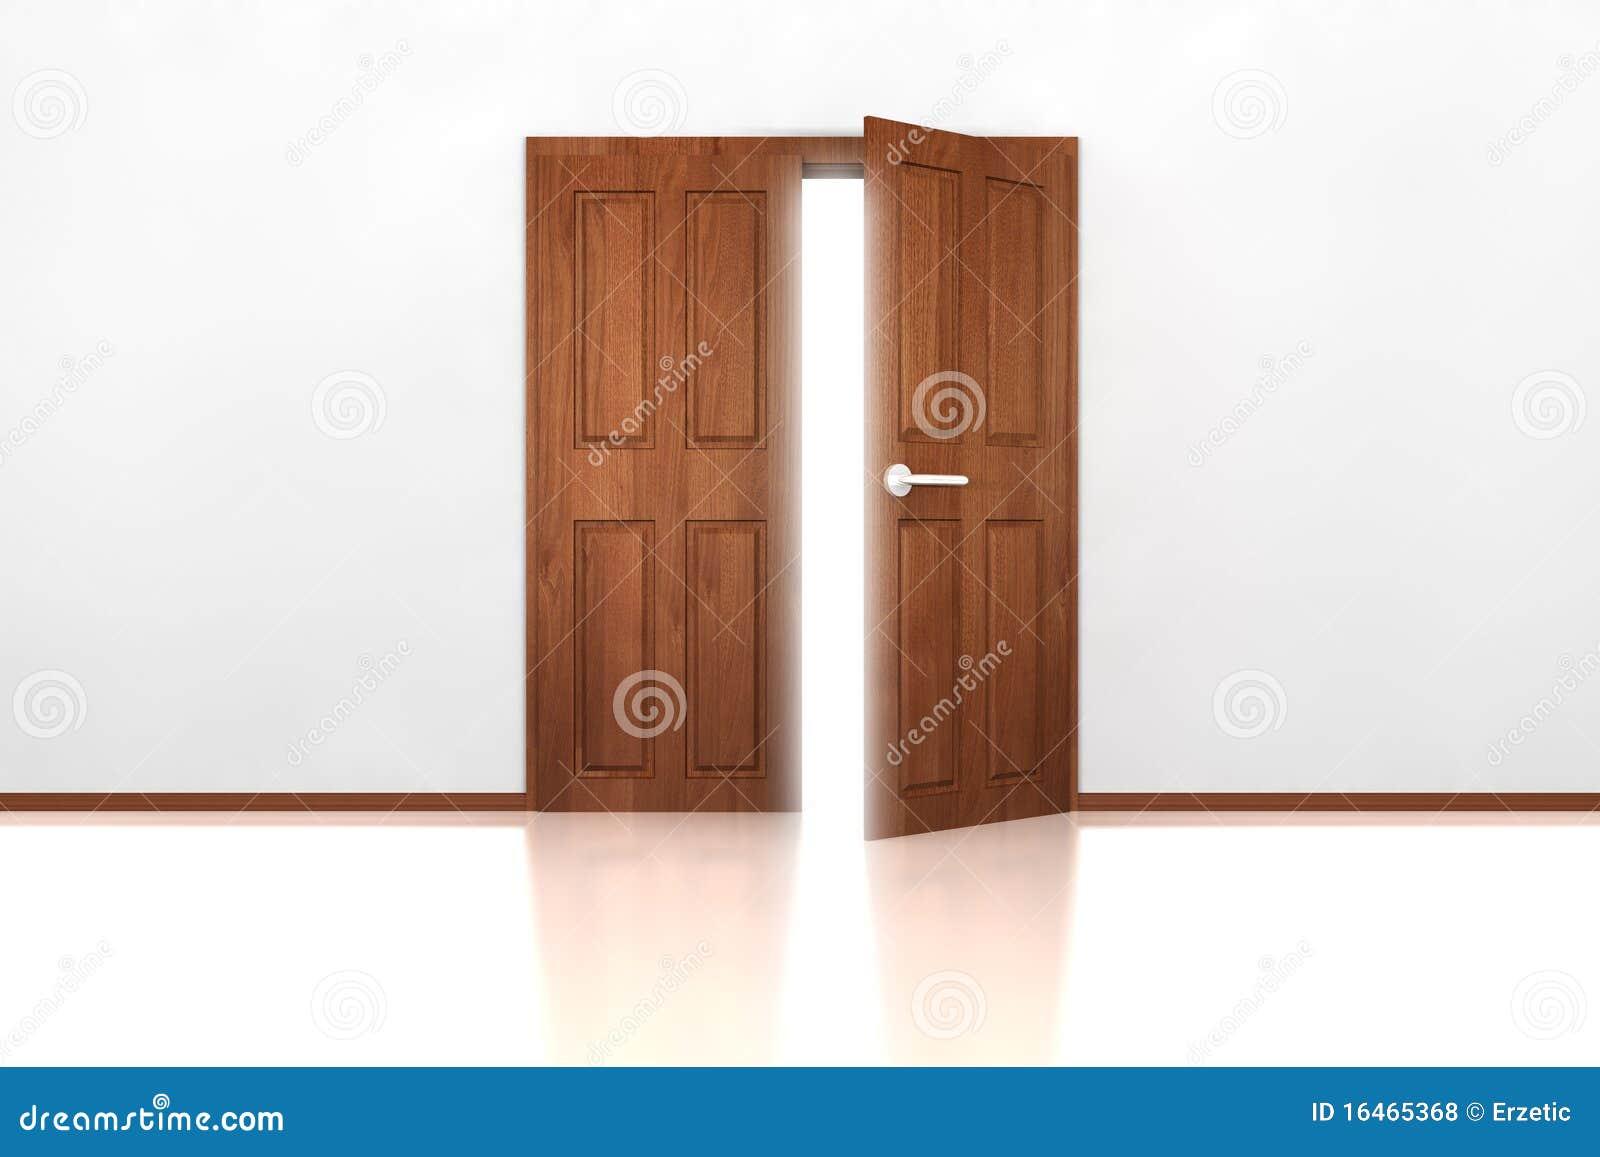 Beau Double Door Half Open